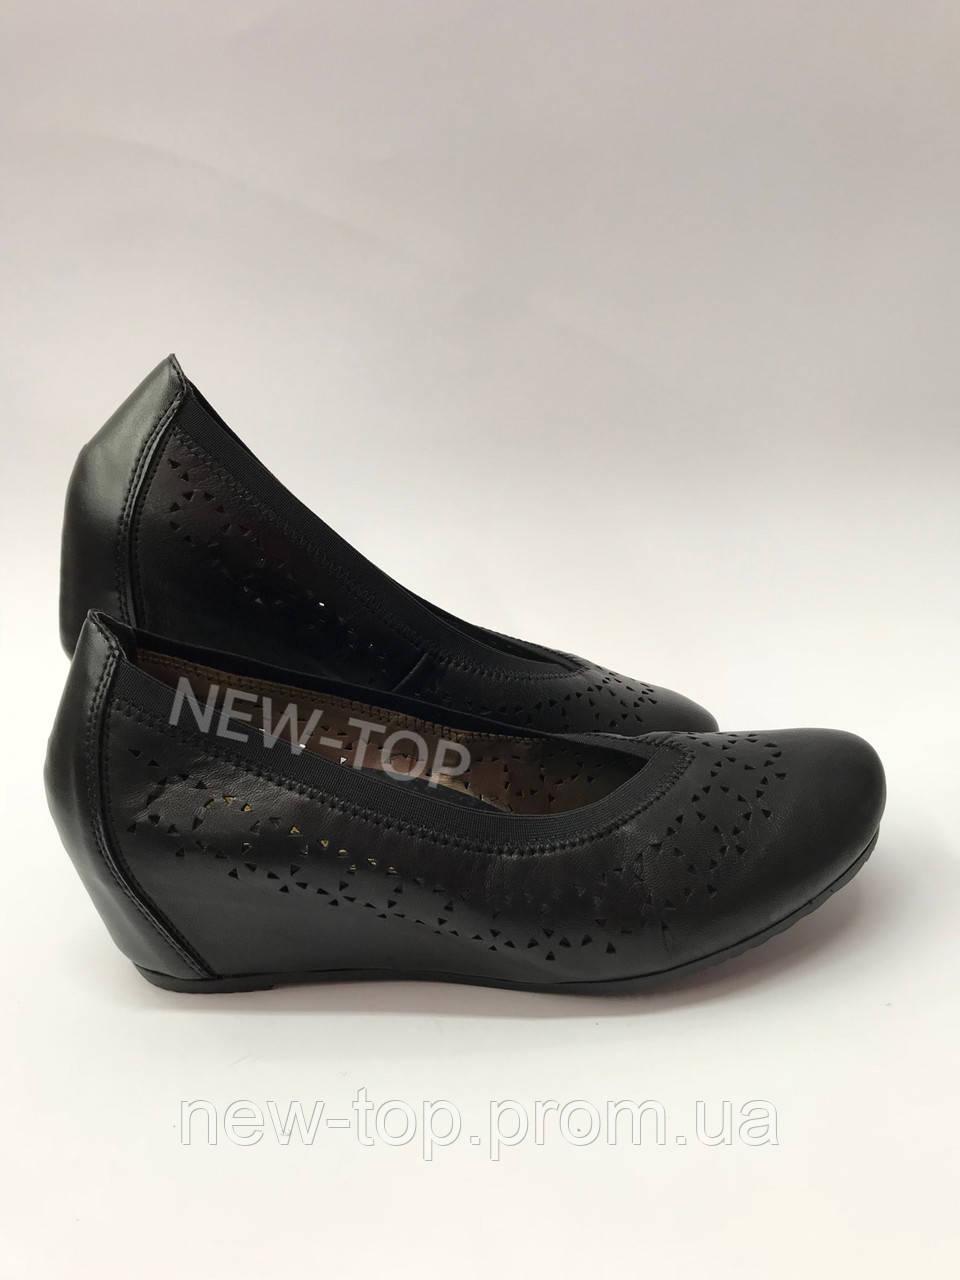 e994e57e8 Женские туфли Rieker L4756-00 - Интернет-магазин обуви и аксессуаров